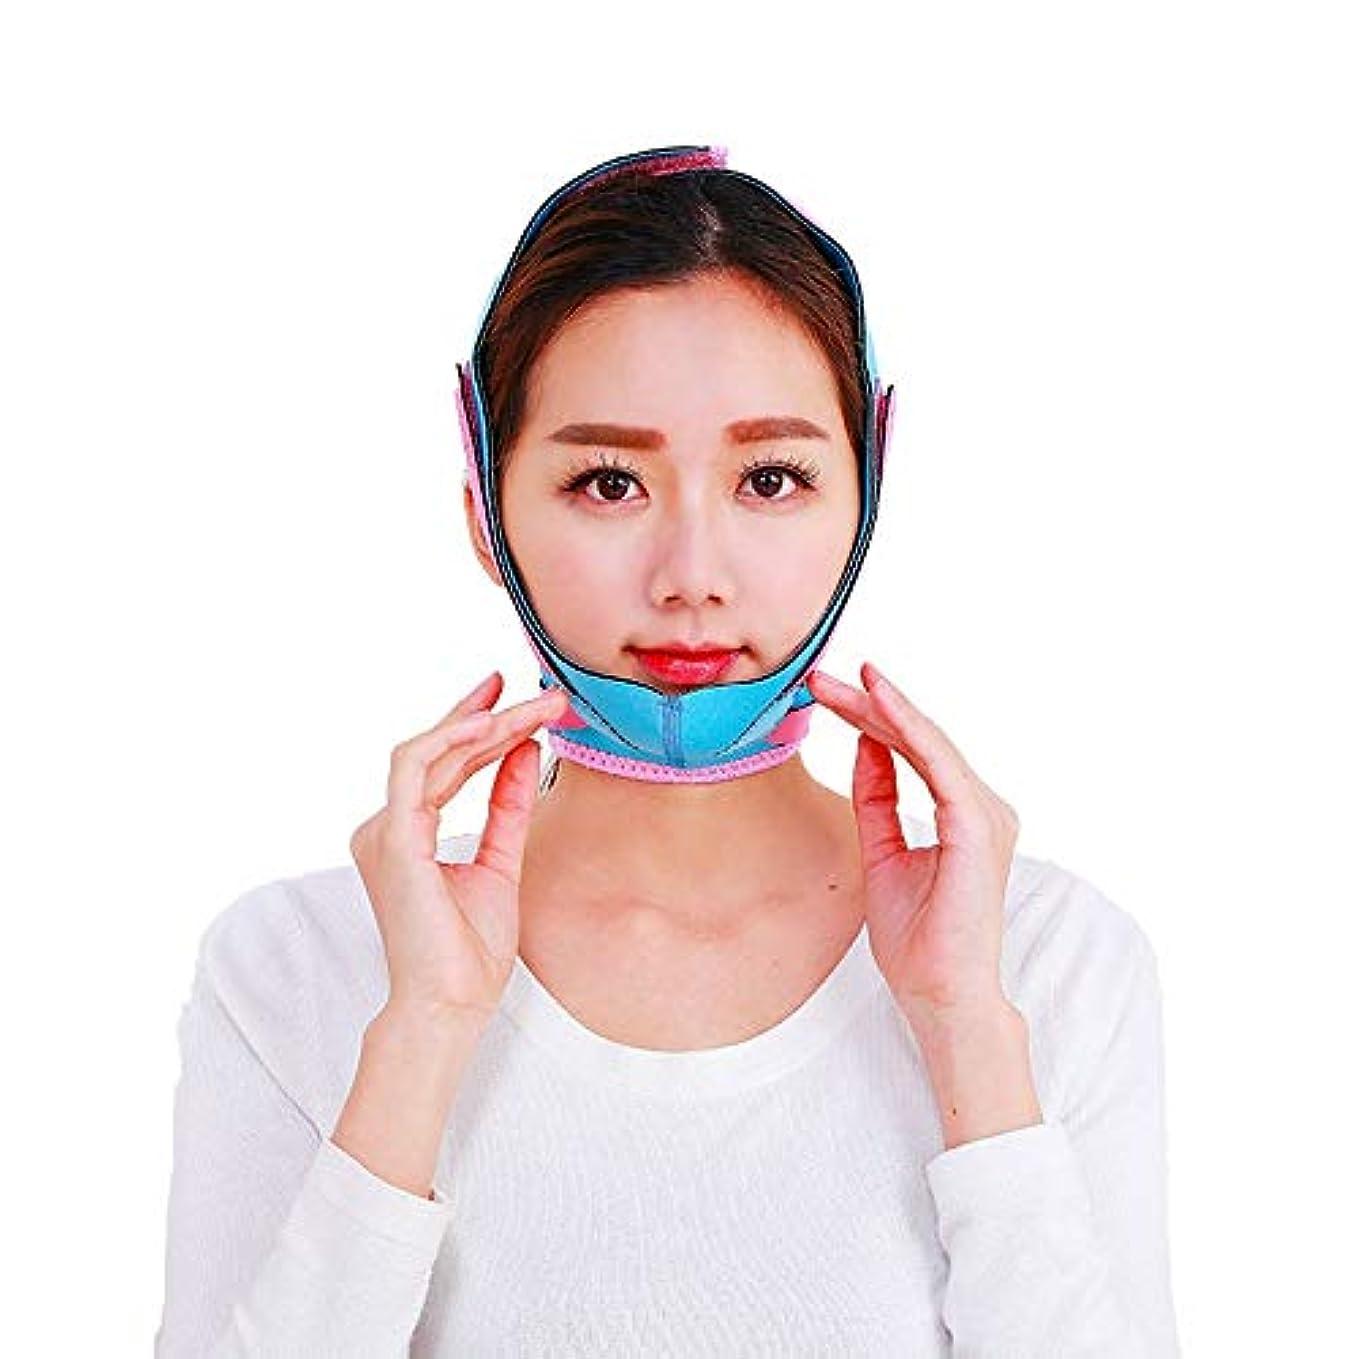 定義変動する潜在的なJia Jia- フェイスマスクマスクスリムマスクリフティングコンターリリーフドループマッスル引き締め肌弾性Vフェイス包帯 顔面包帯